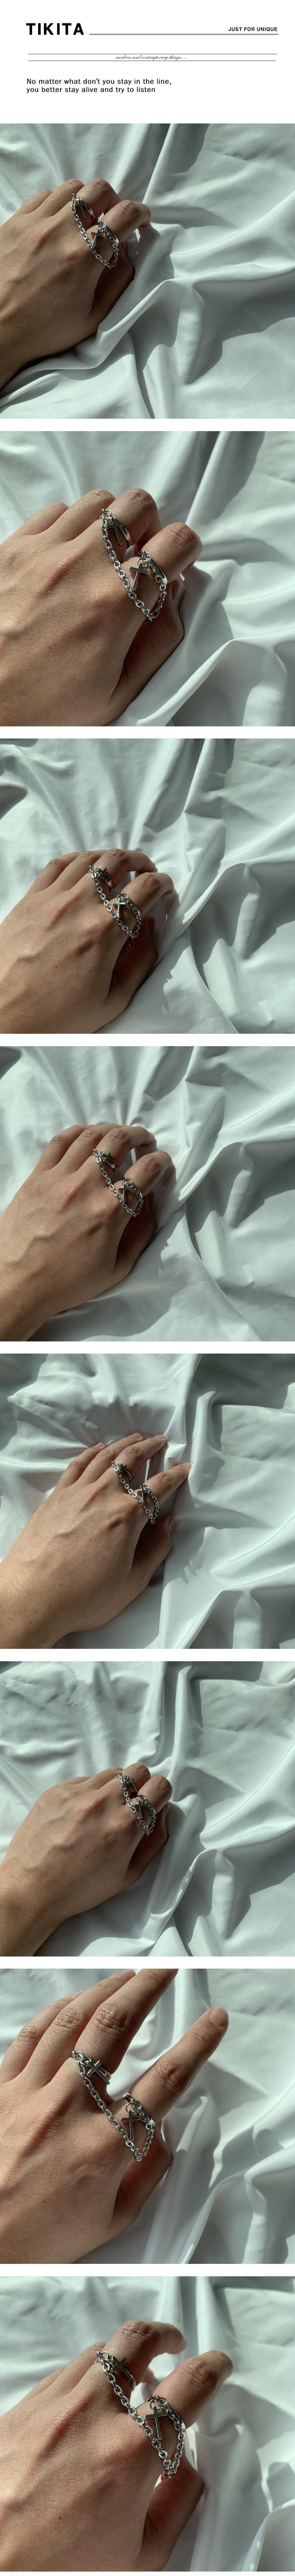 남자 반지 연결 체인 힙합 패션 thin two chain - 티키타, 29,900원, 남성주얼리, 반지